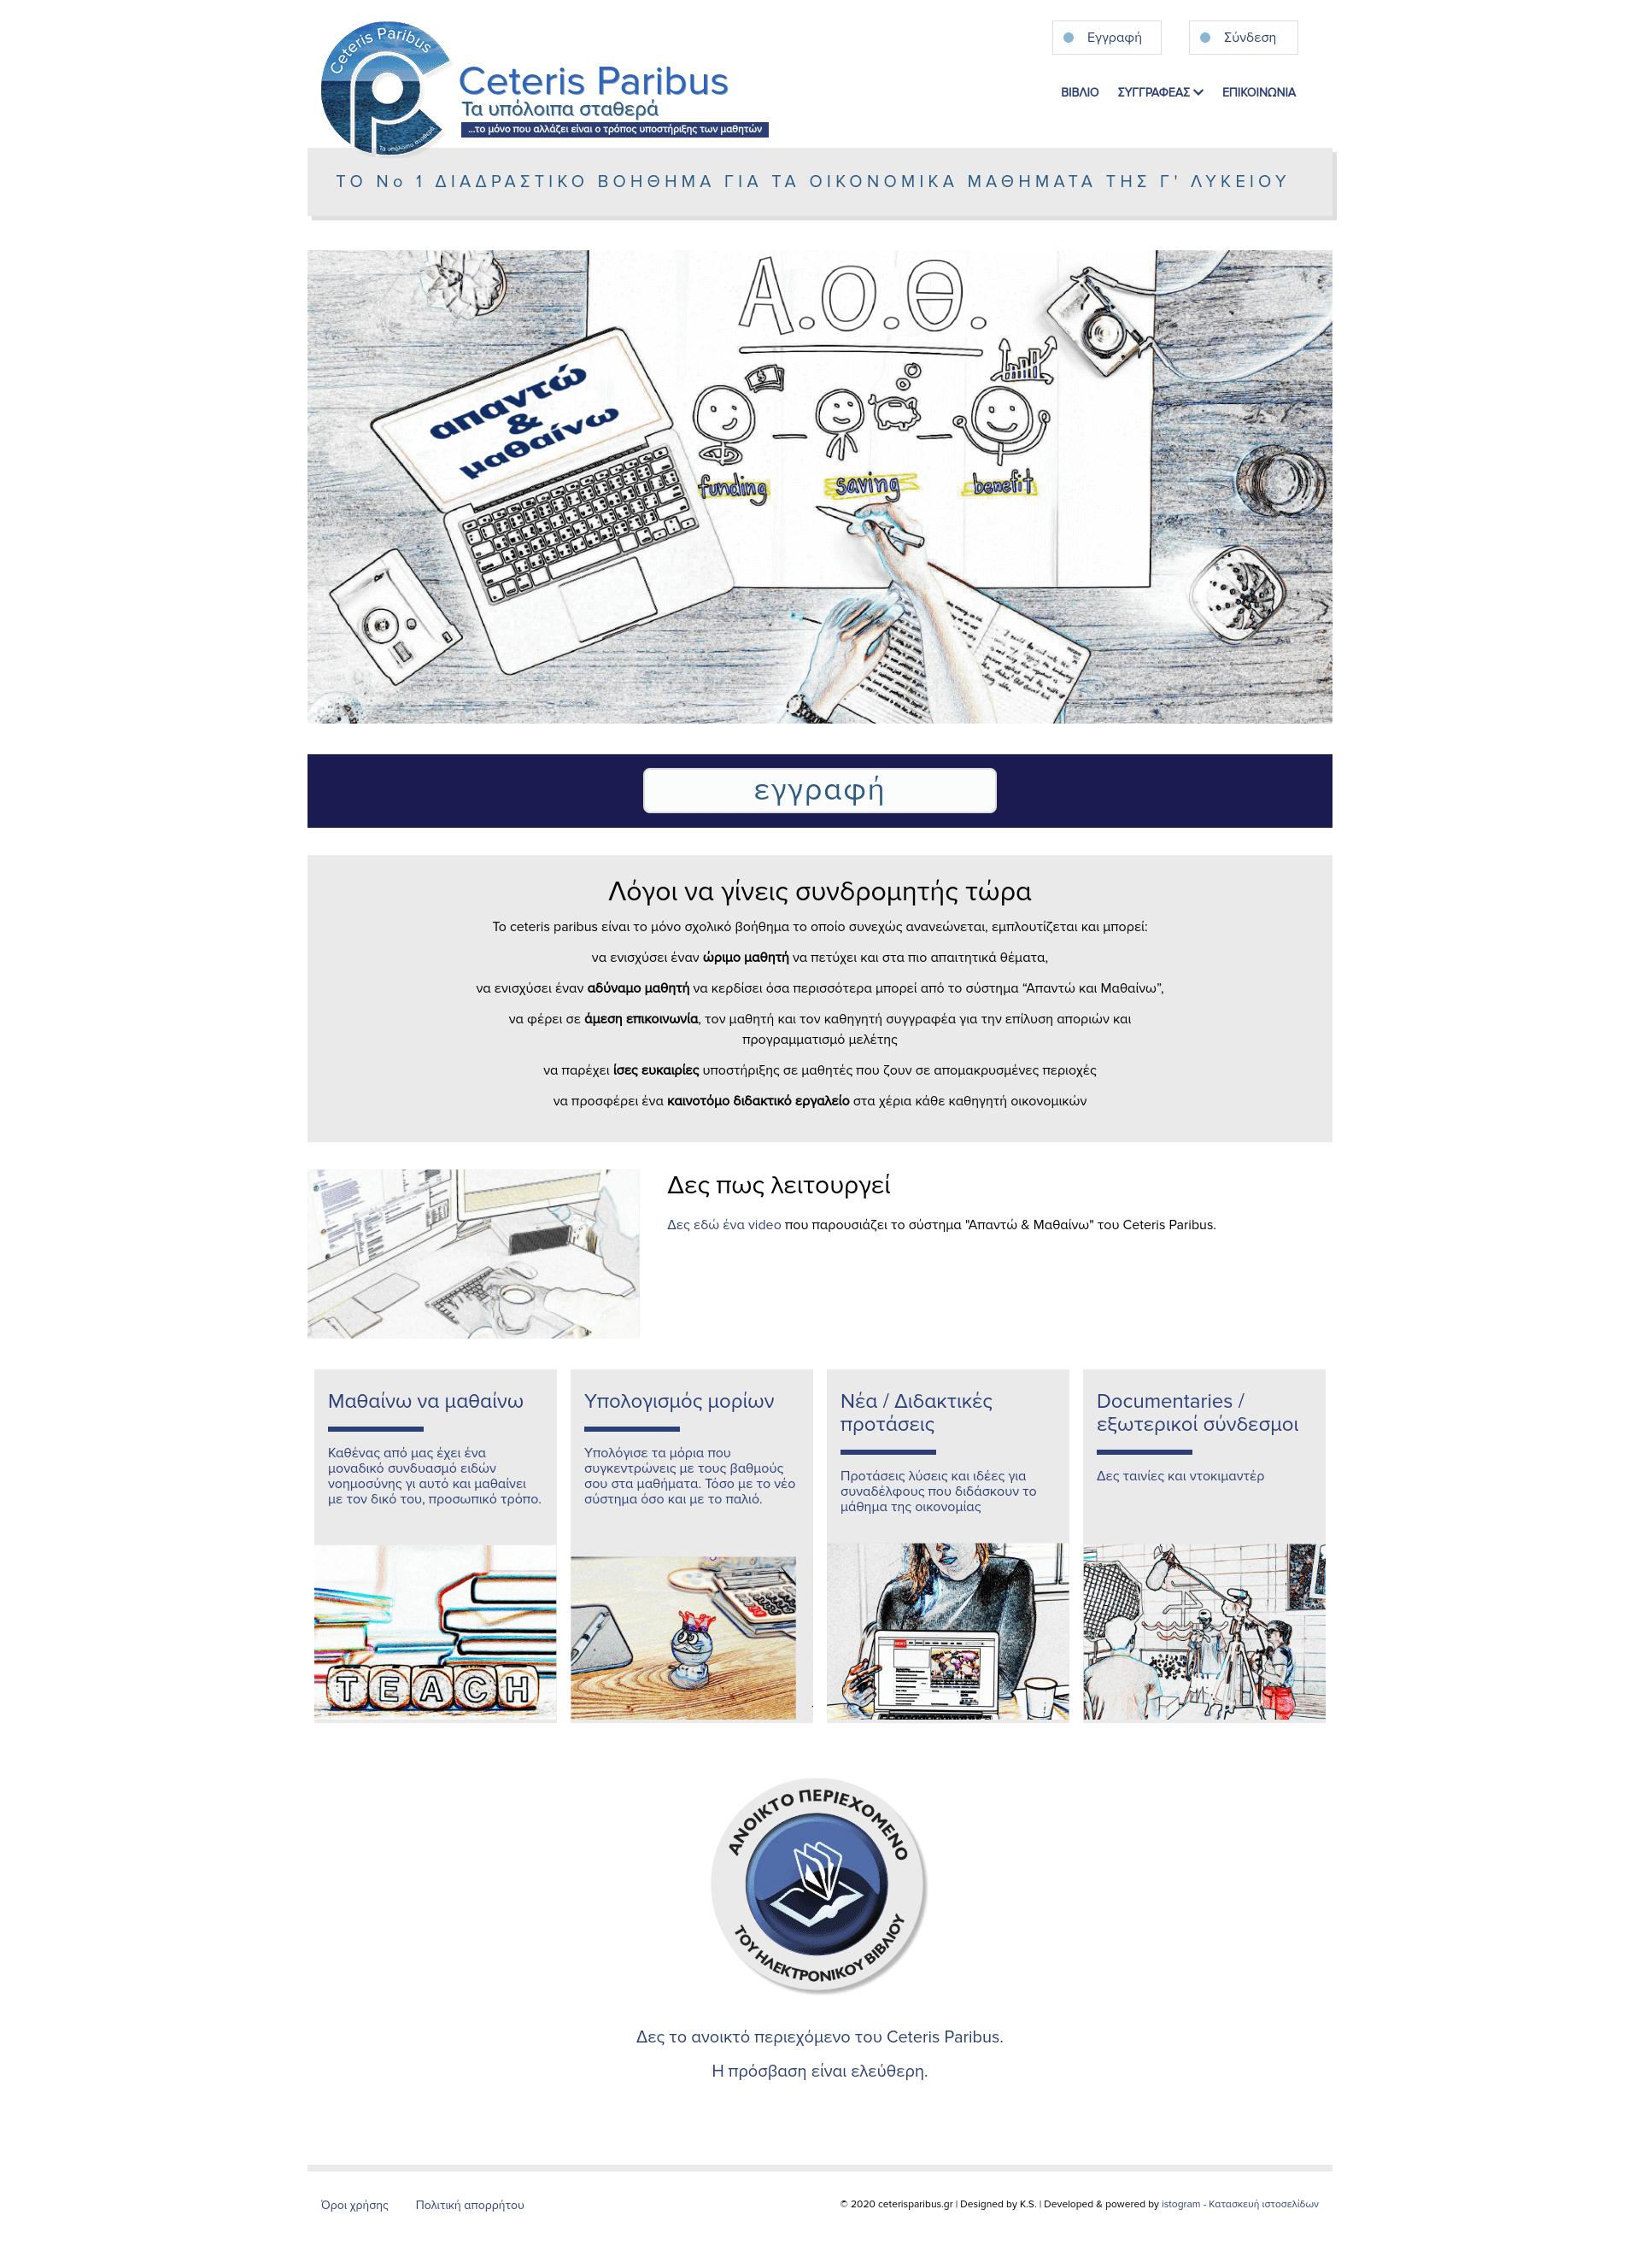 ceterisparibus-gr-website